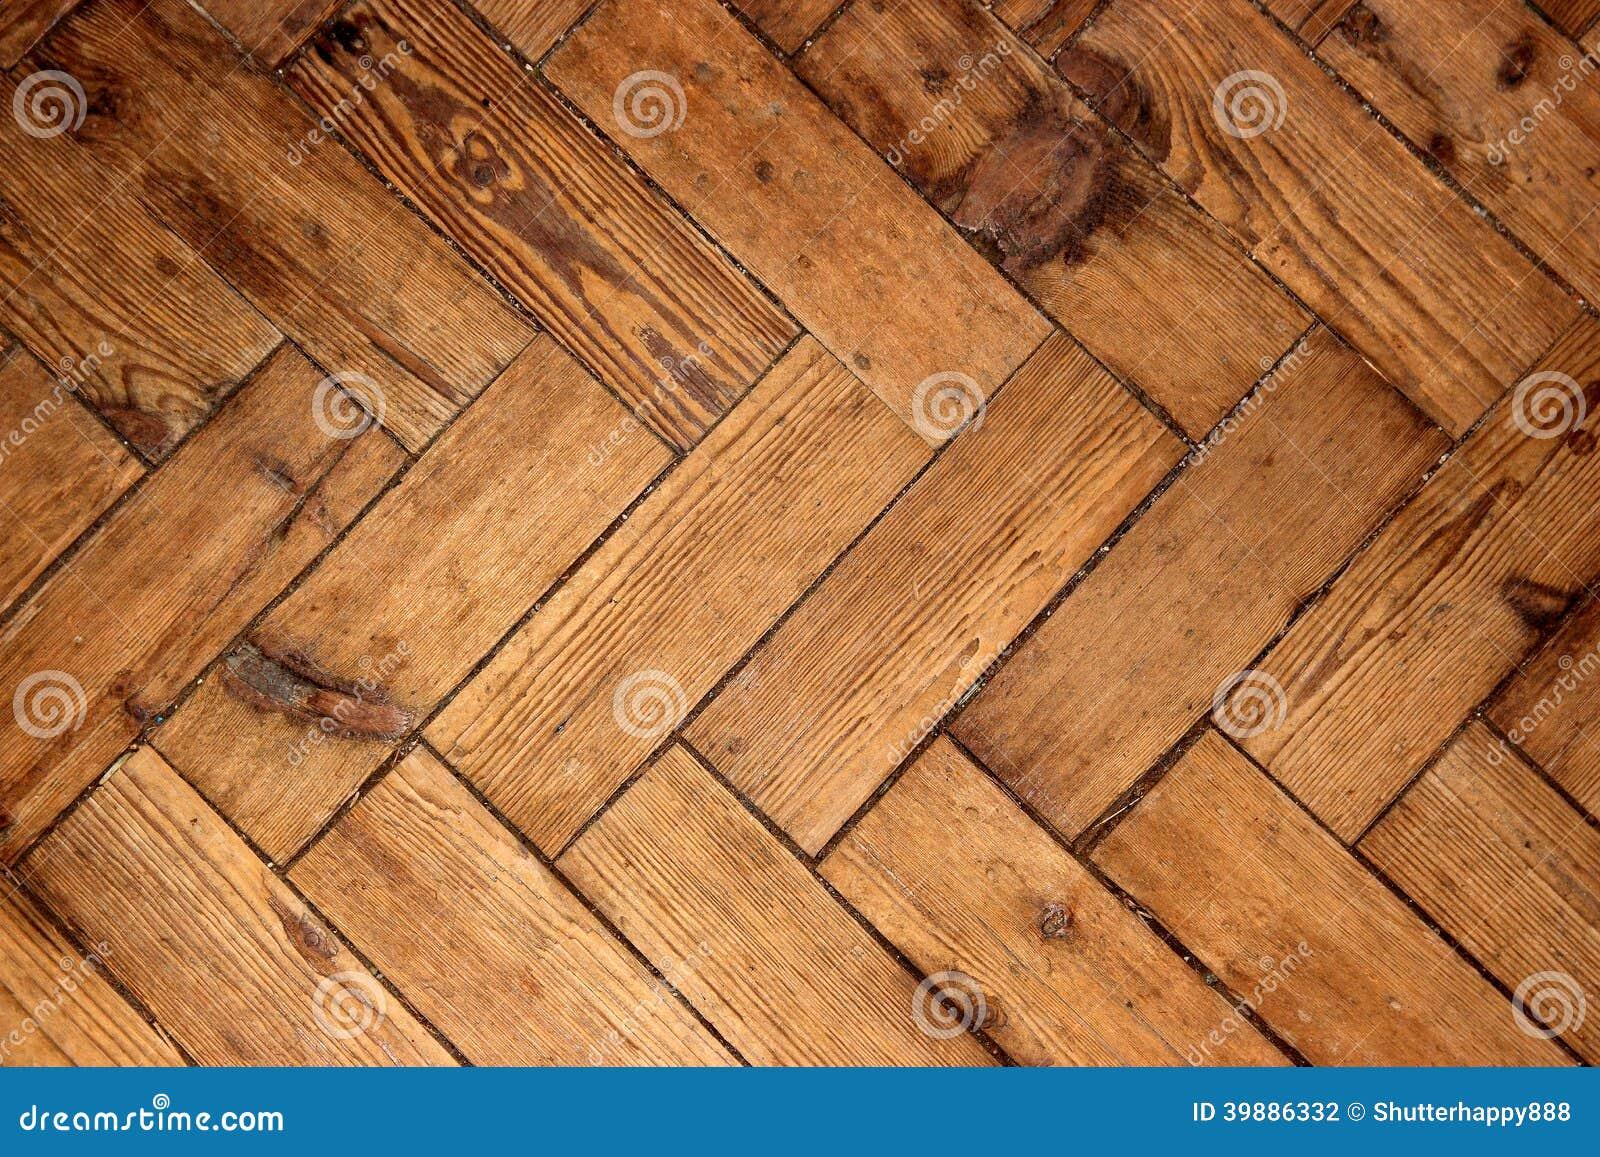 De vloer van het visgraat eiken hout